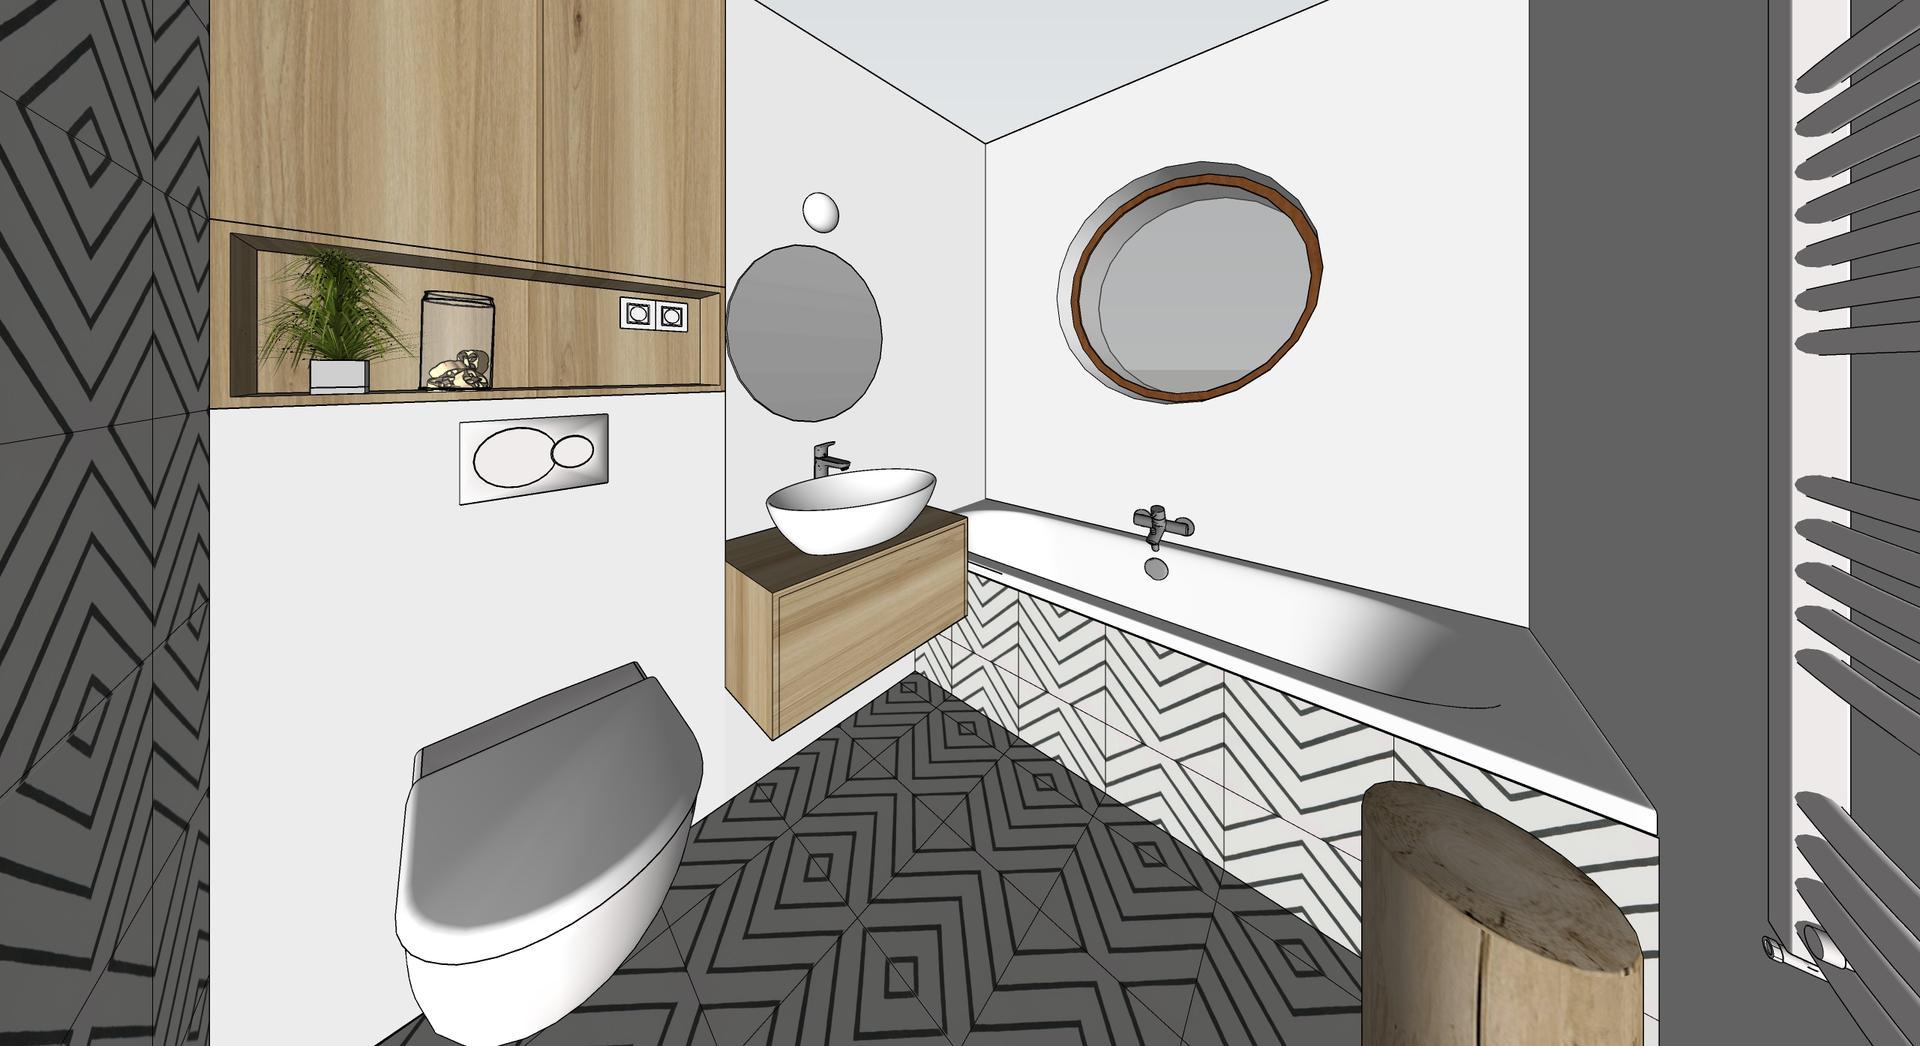 Naša cesta z mesta - Horná kúpelňa vizu - kombinácia obkladu a mikrocementu.